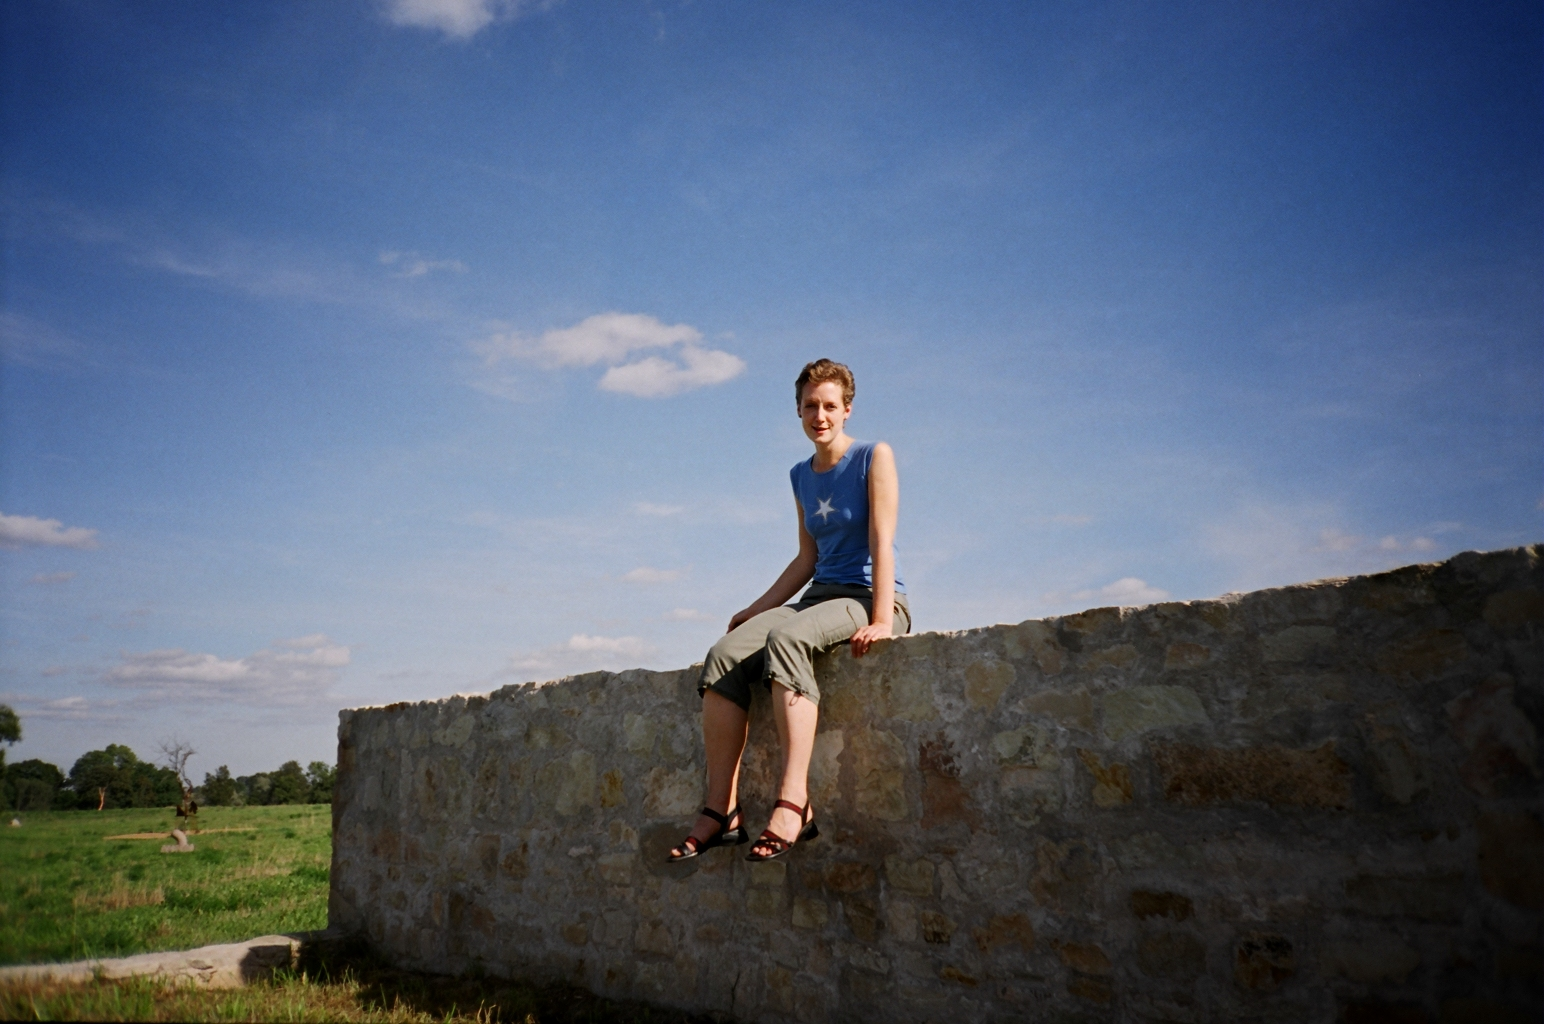 Artist Laura Feldberga on her object  Bed  (2004). Stone, soil. Pedvale Open-Air Art Museum, Latvia. Photo: © Alise Tifentale.